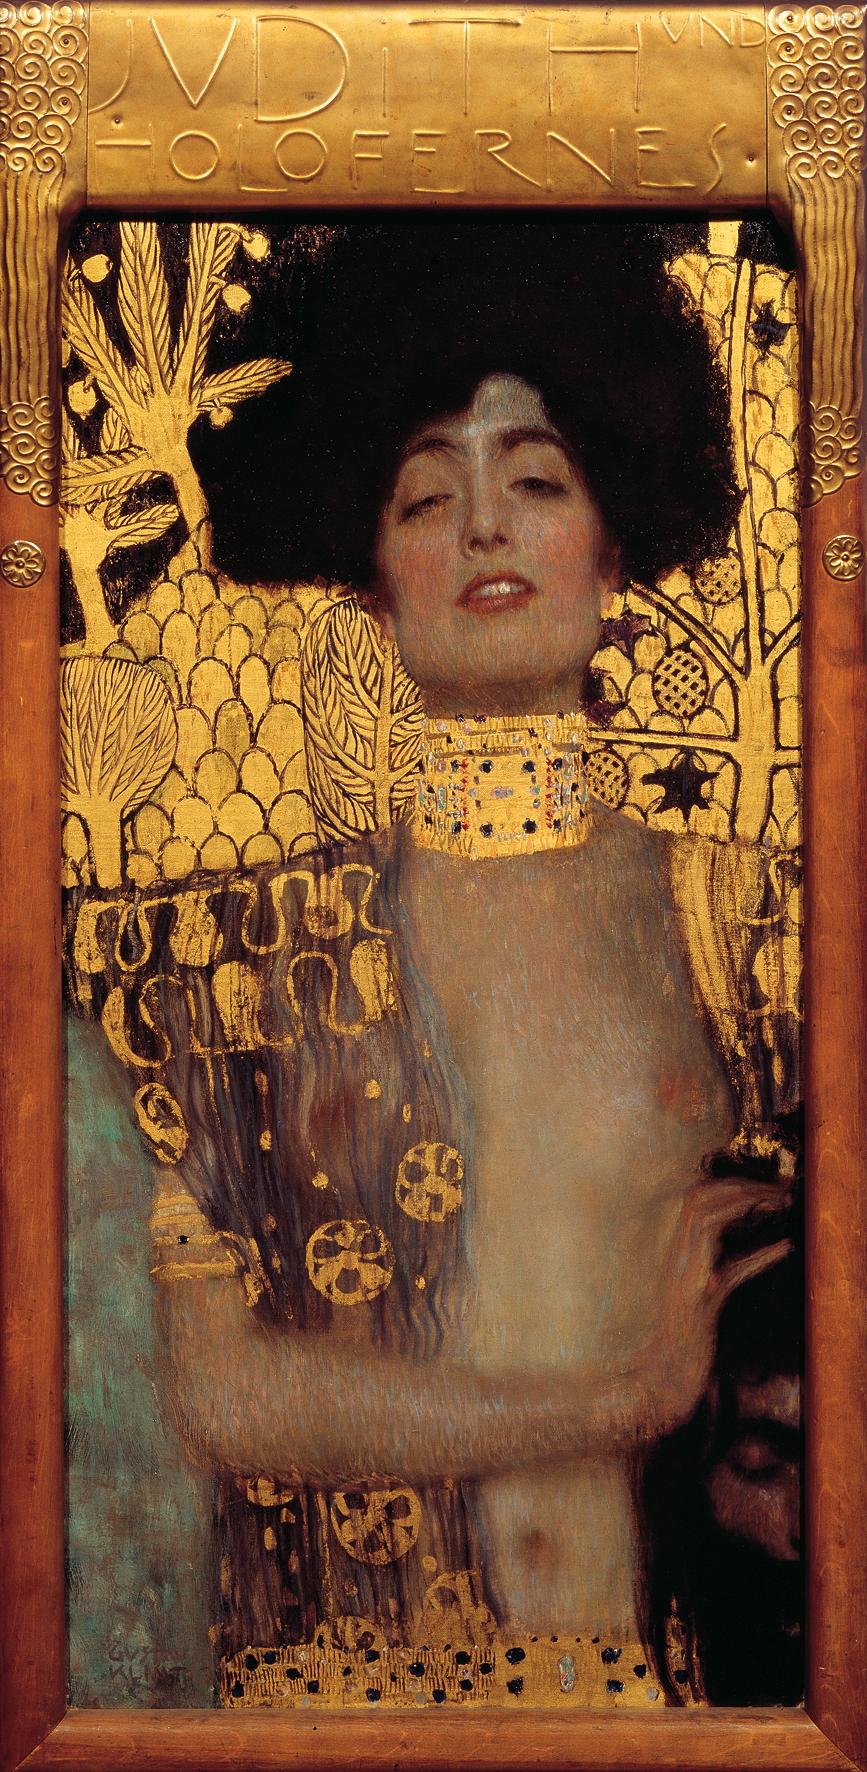 https://i1.wp.com/upload.wikimedia.org/wikipedia/commons/9/92/Gustav_Klimt_039.jpg